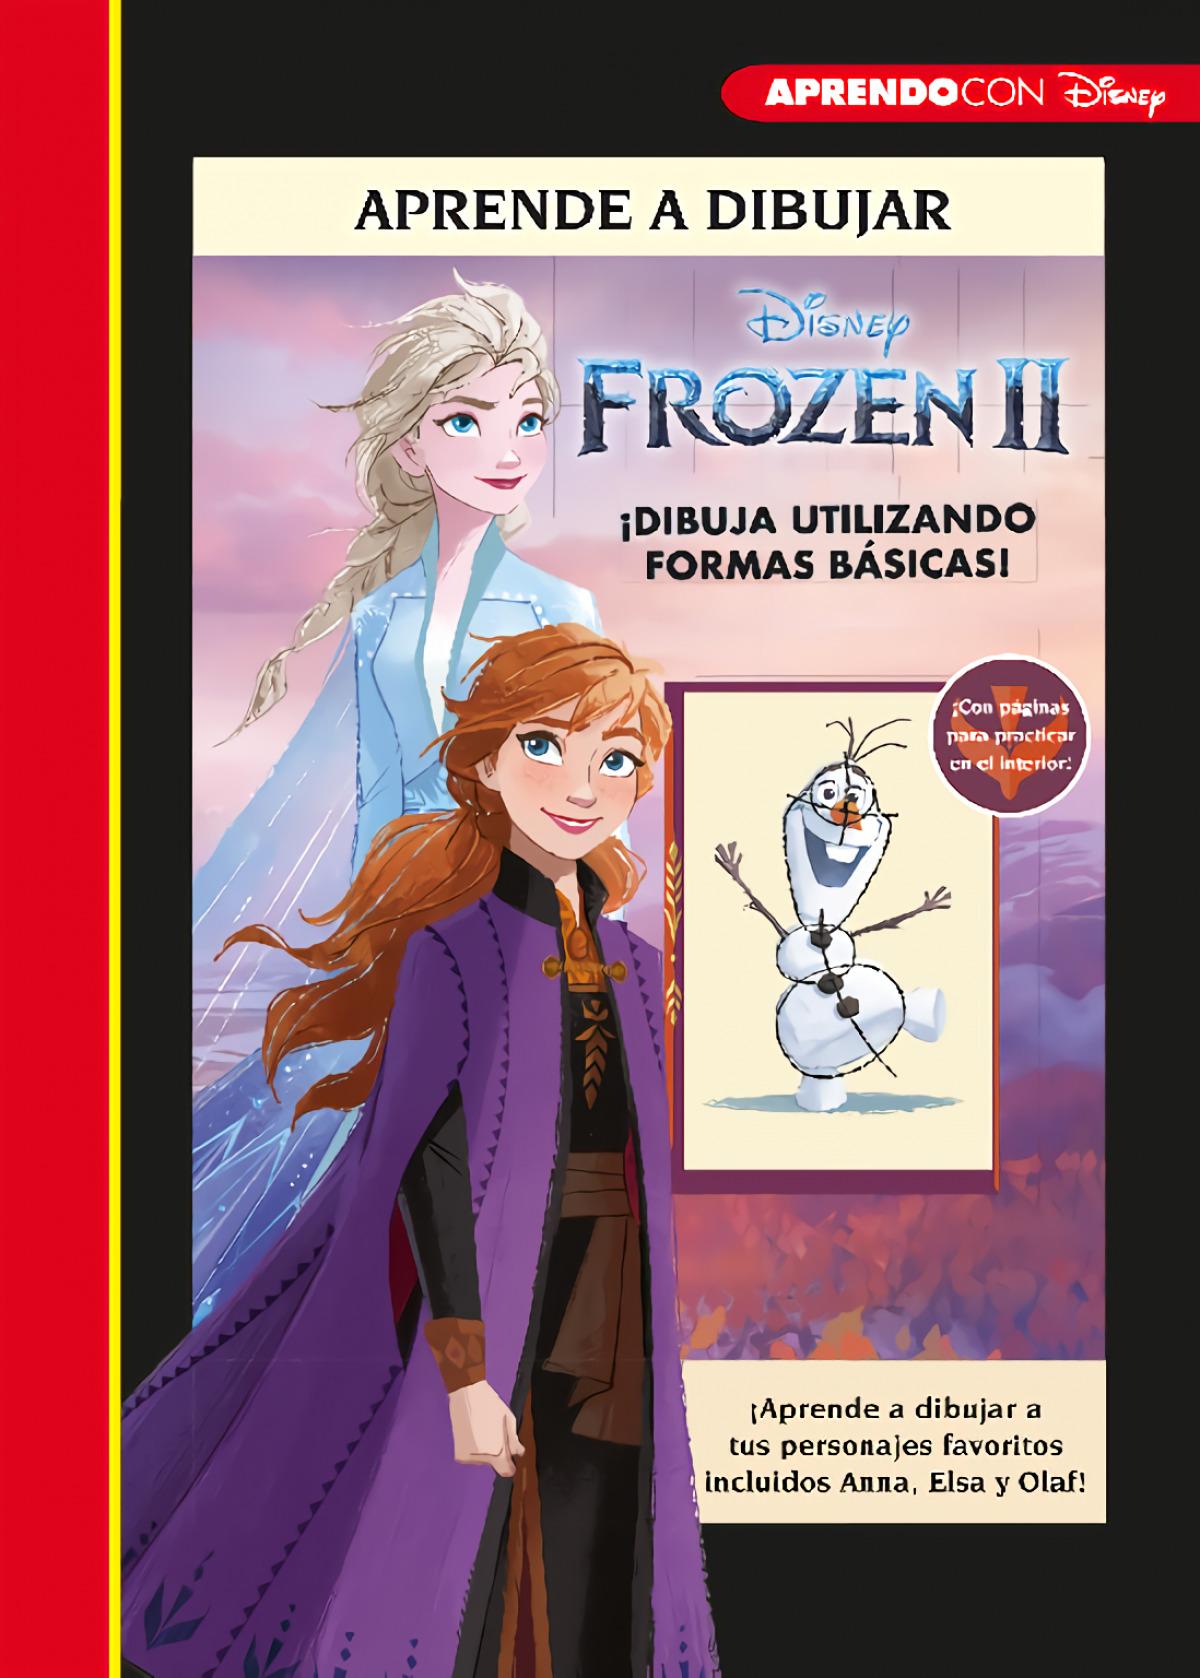 Aprende a dibujar Frozen II (Crea, juega y aprende con Disney)